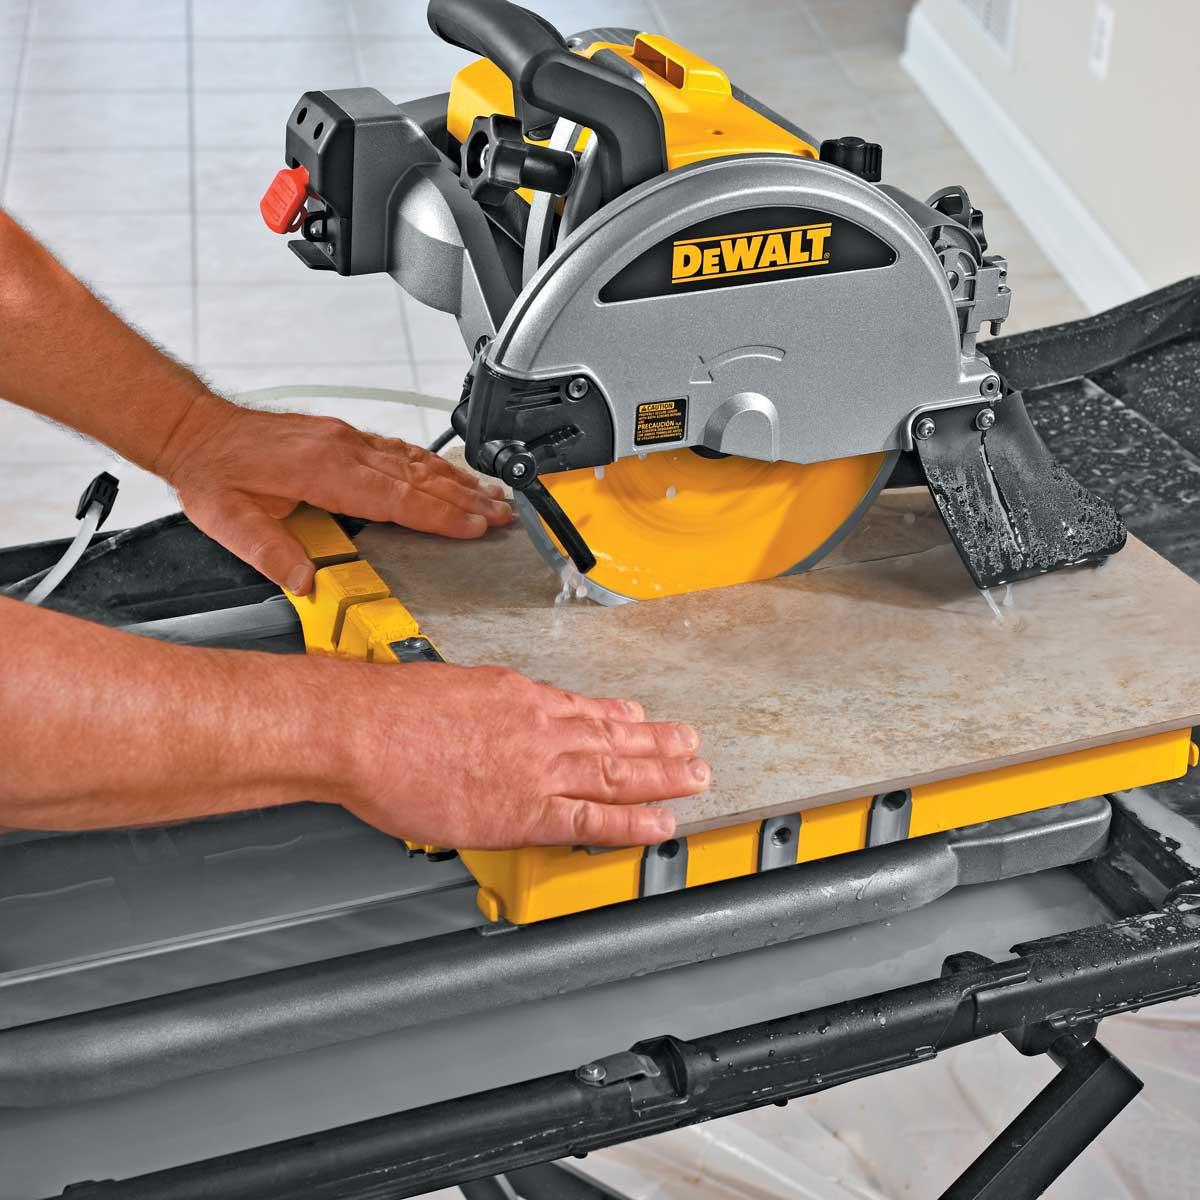 Dewalt D24000 wet cutting tile